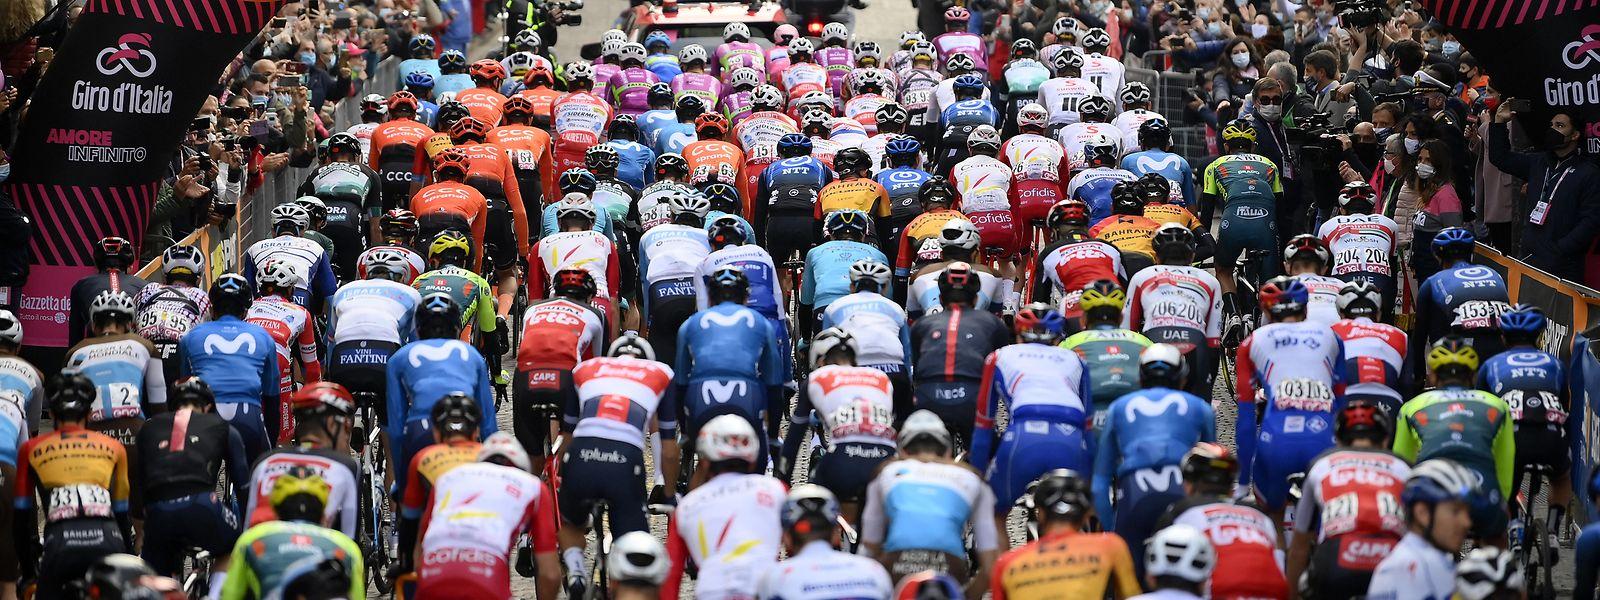 Die Italien-Rundfahrt wird am Dienstag mit der 16. Etappe fortgesetzt.